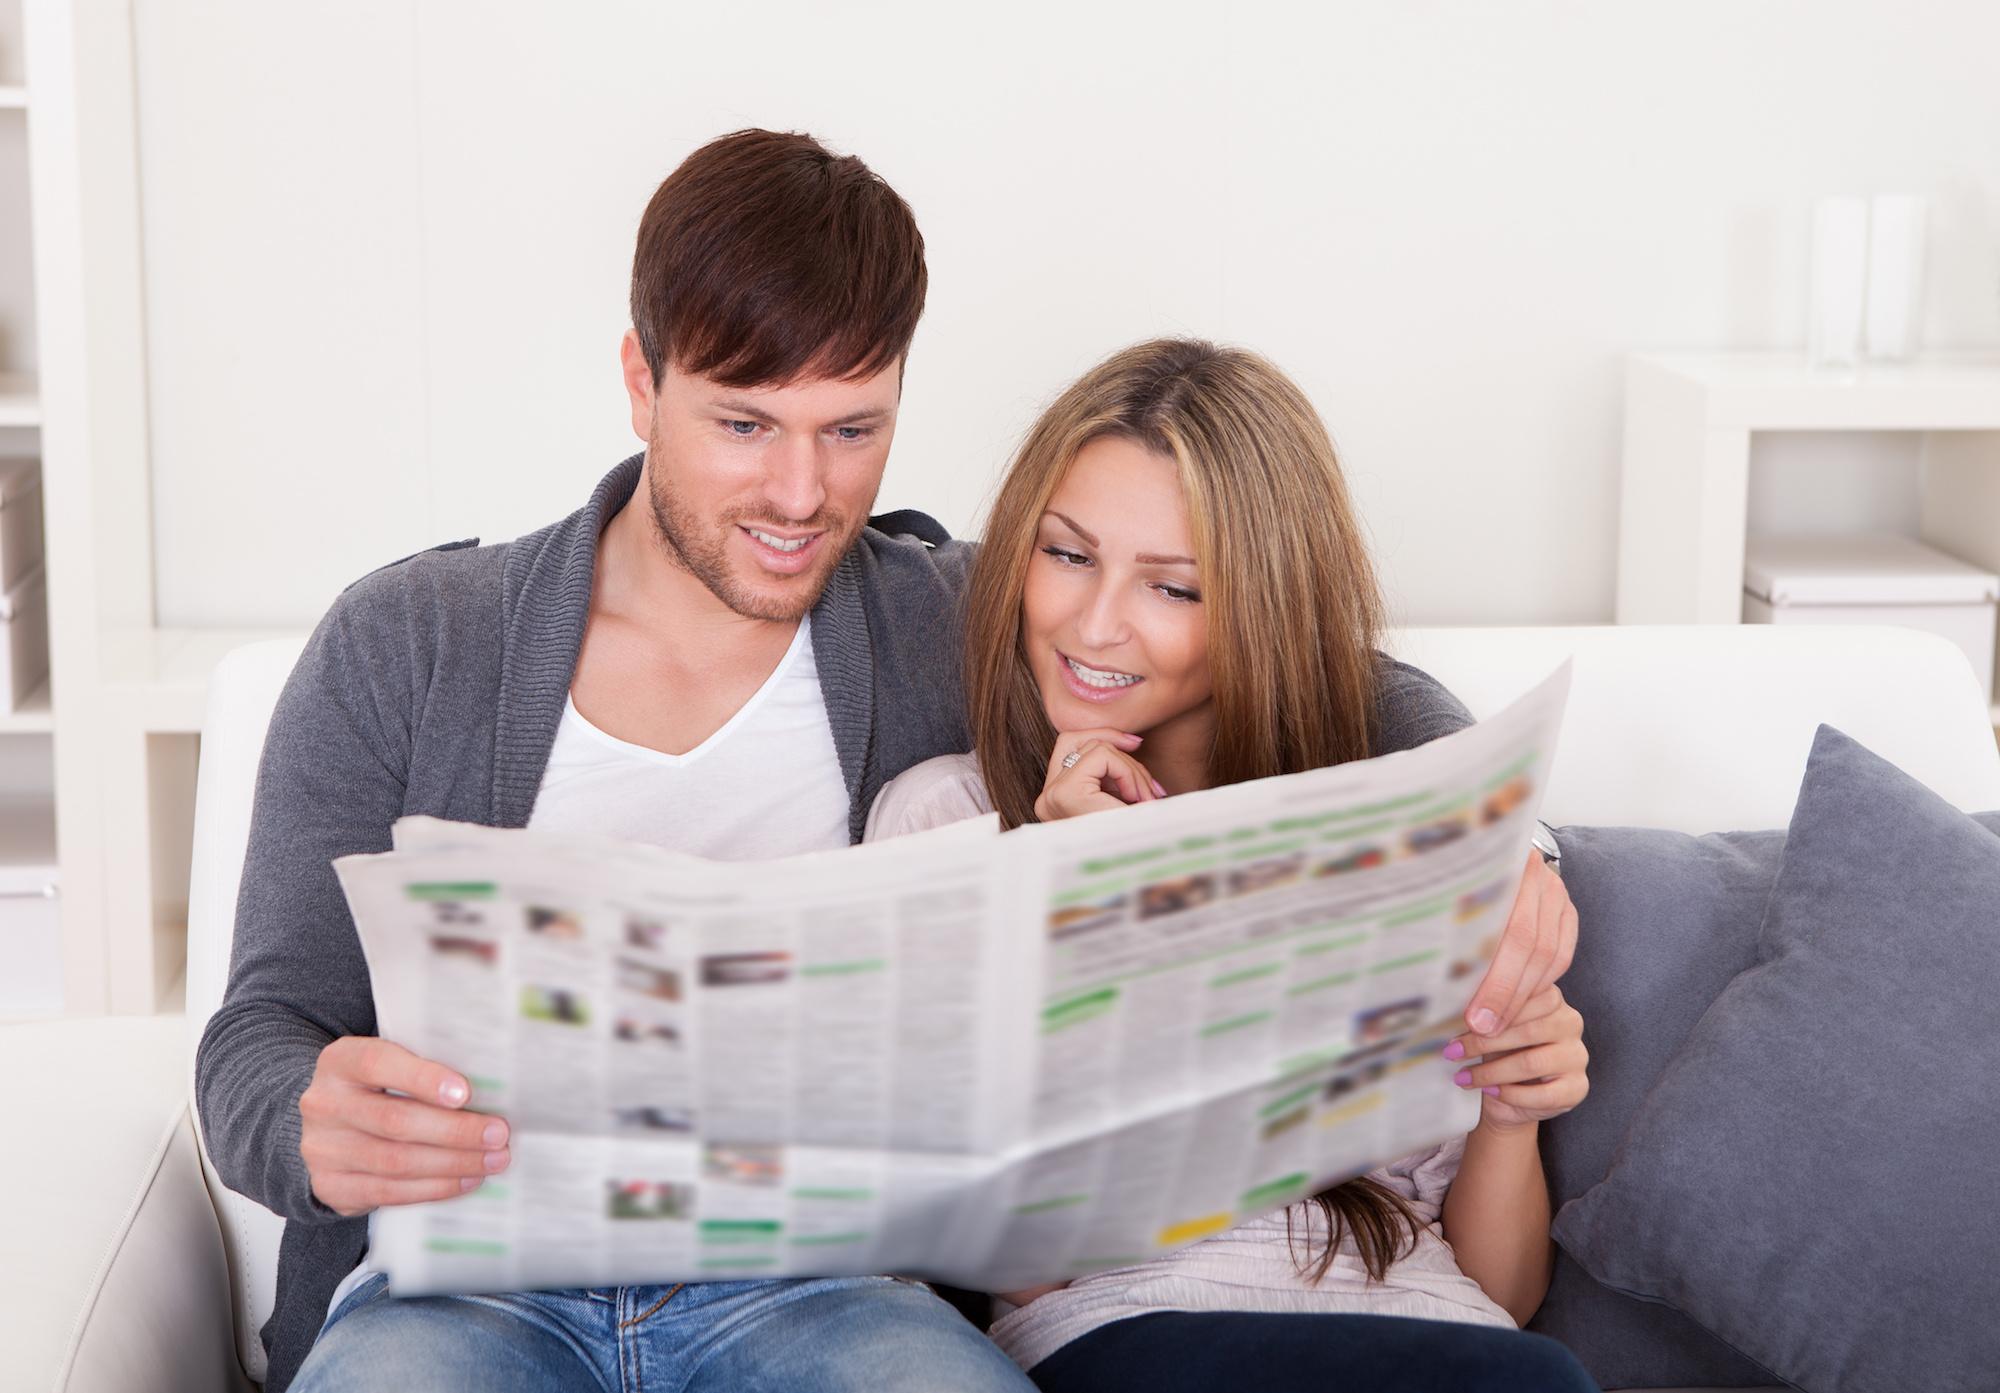 eigen krant huwelijksuitnodiging